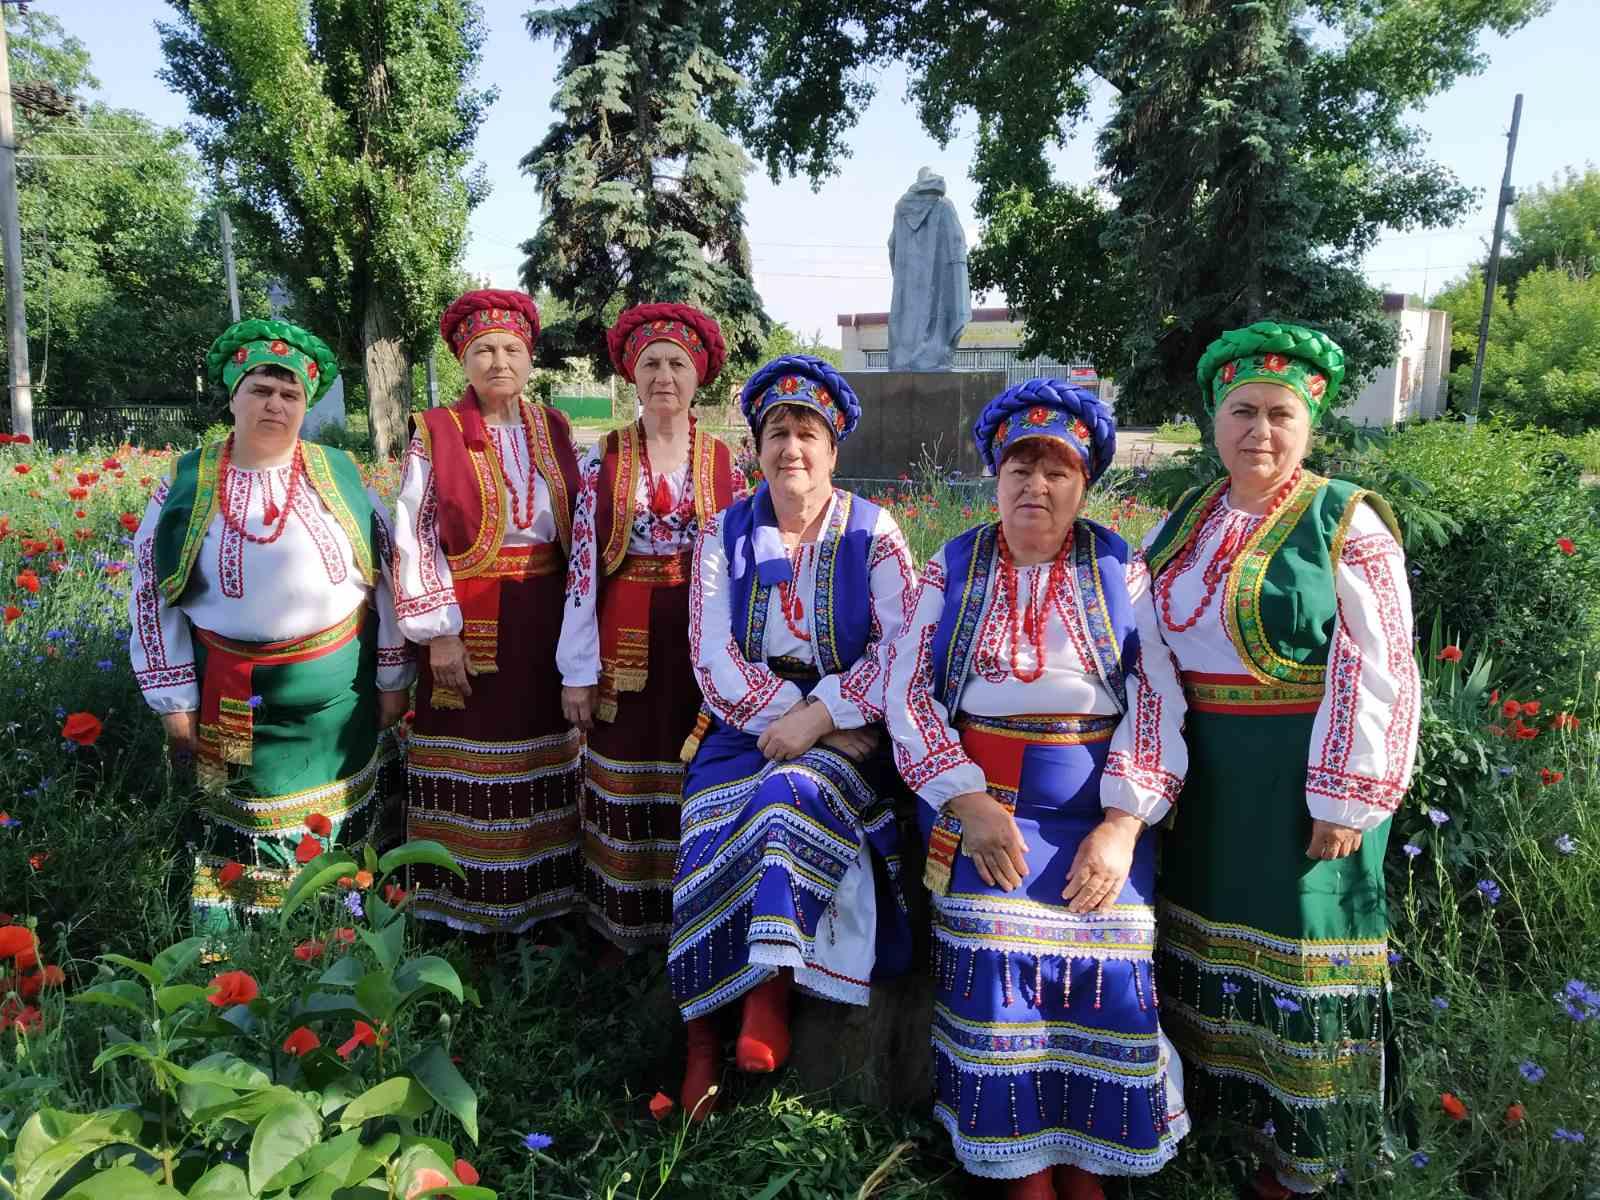 Новопетрівське «Джерело» таланту, краси й мистецтва